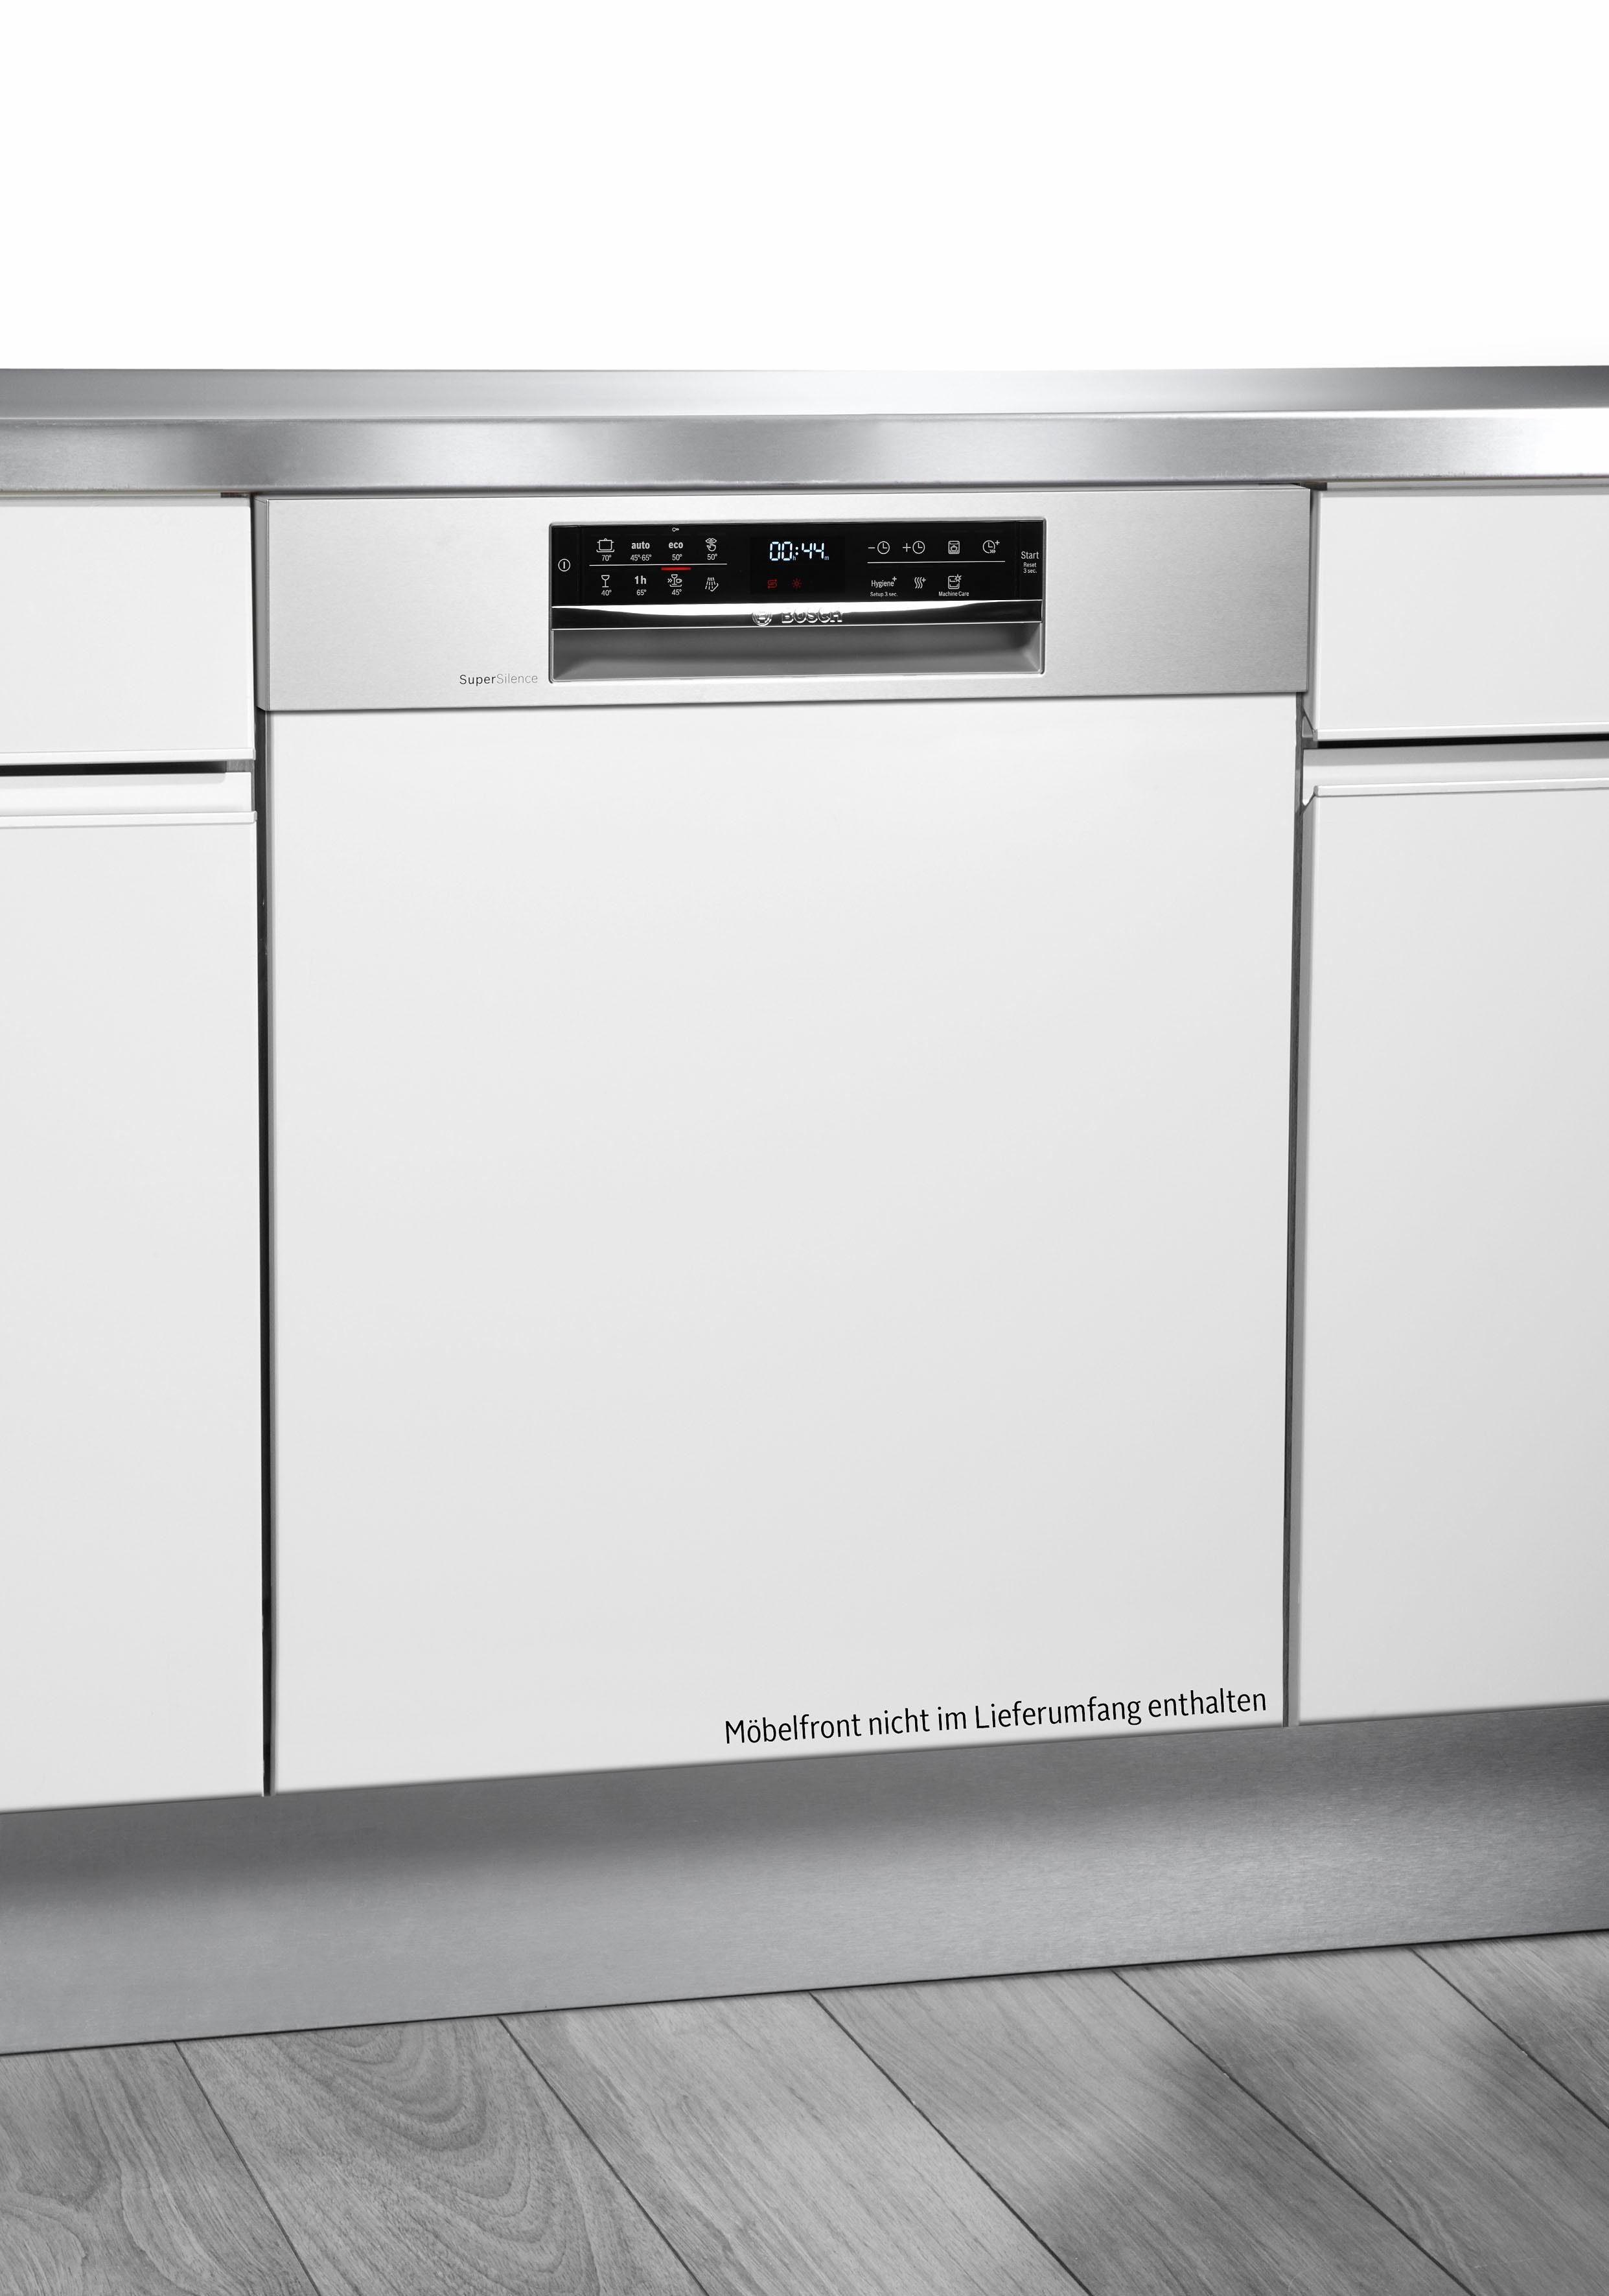 BOSCH Vollintegrierbarer Einbaugeschirrspüler Serie 6 SMI68MS02E, A++, 9,5 Liter, 14 Maßgedecke